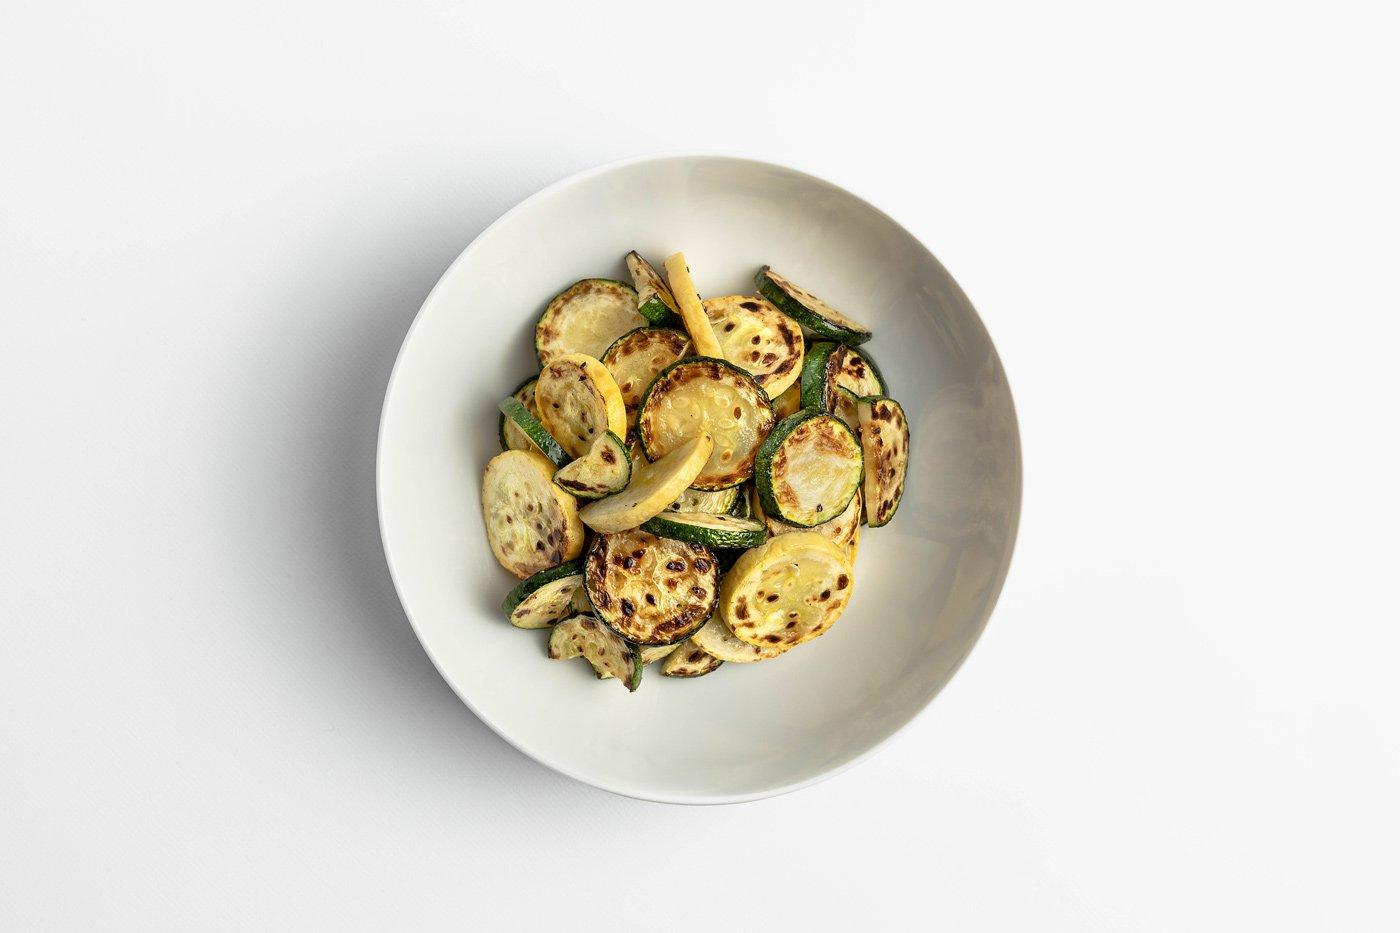 Zucchini Product Image